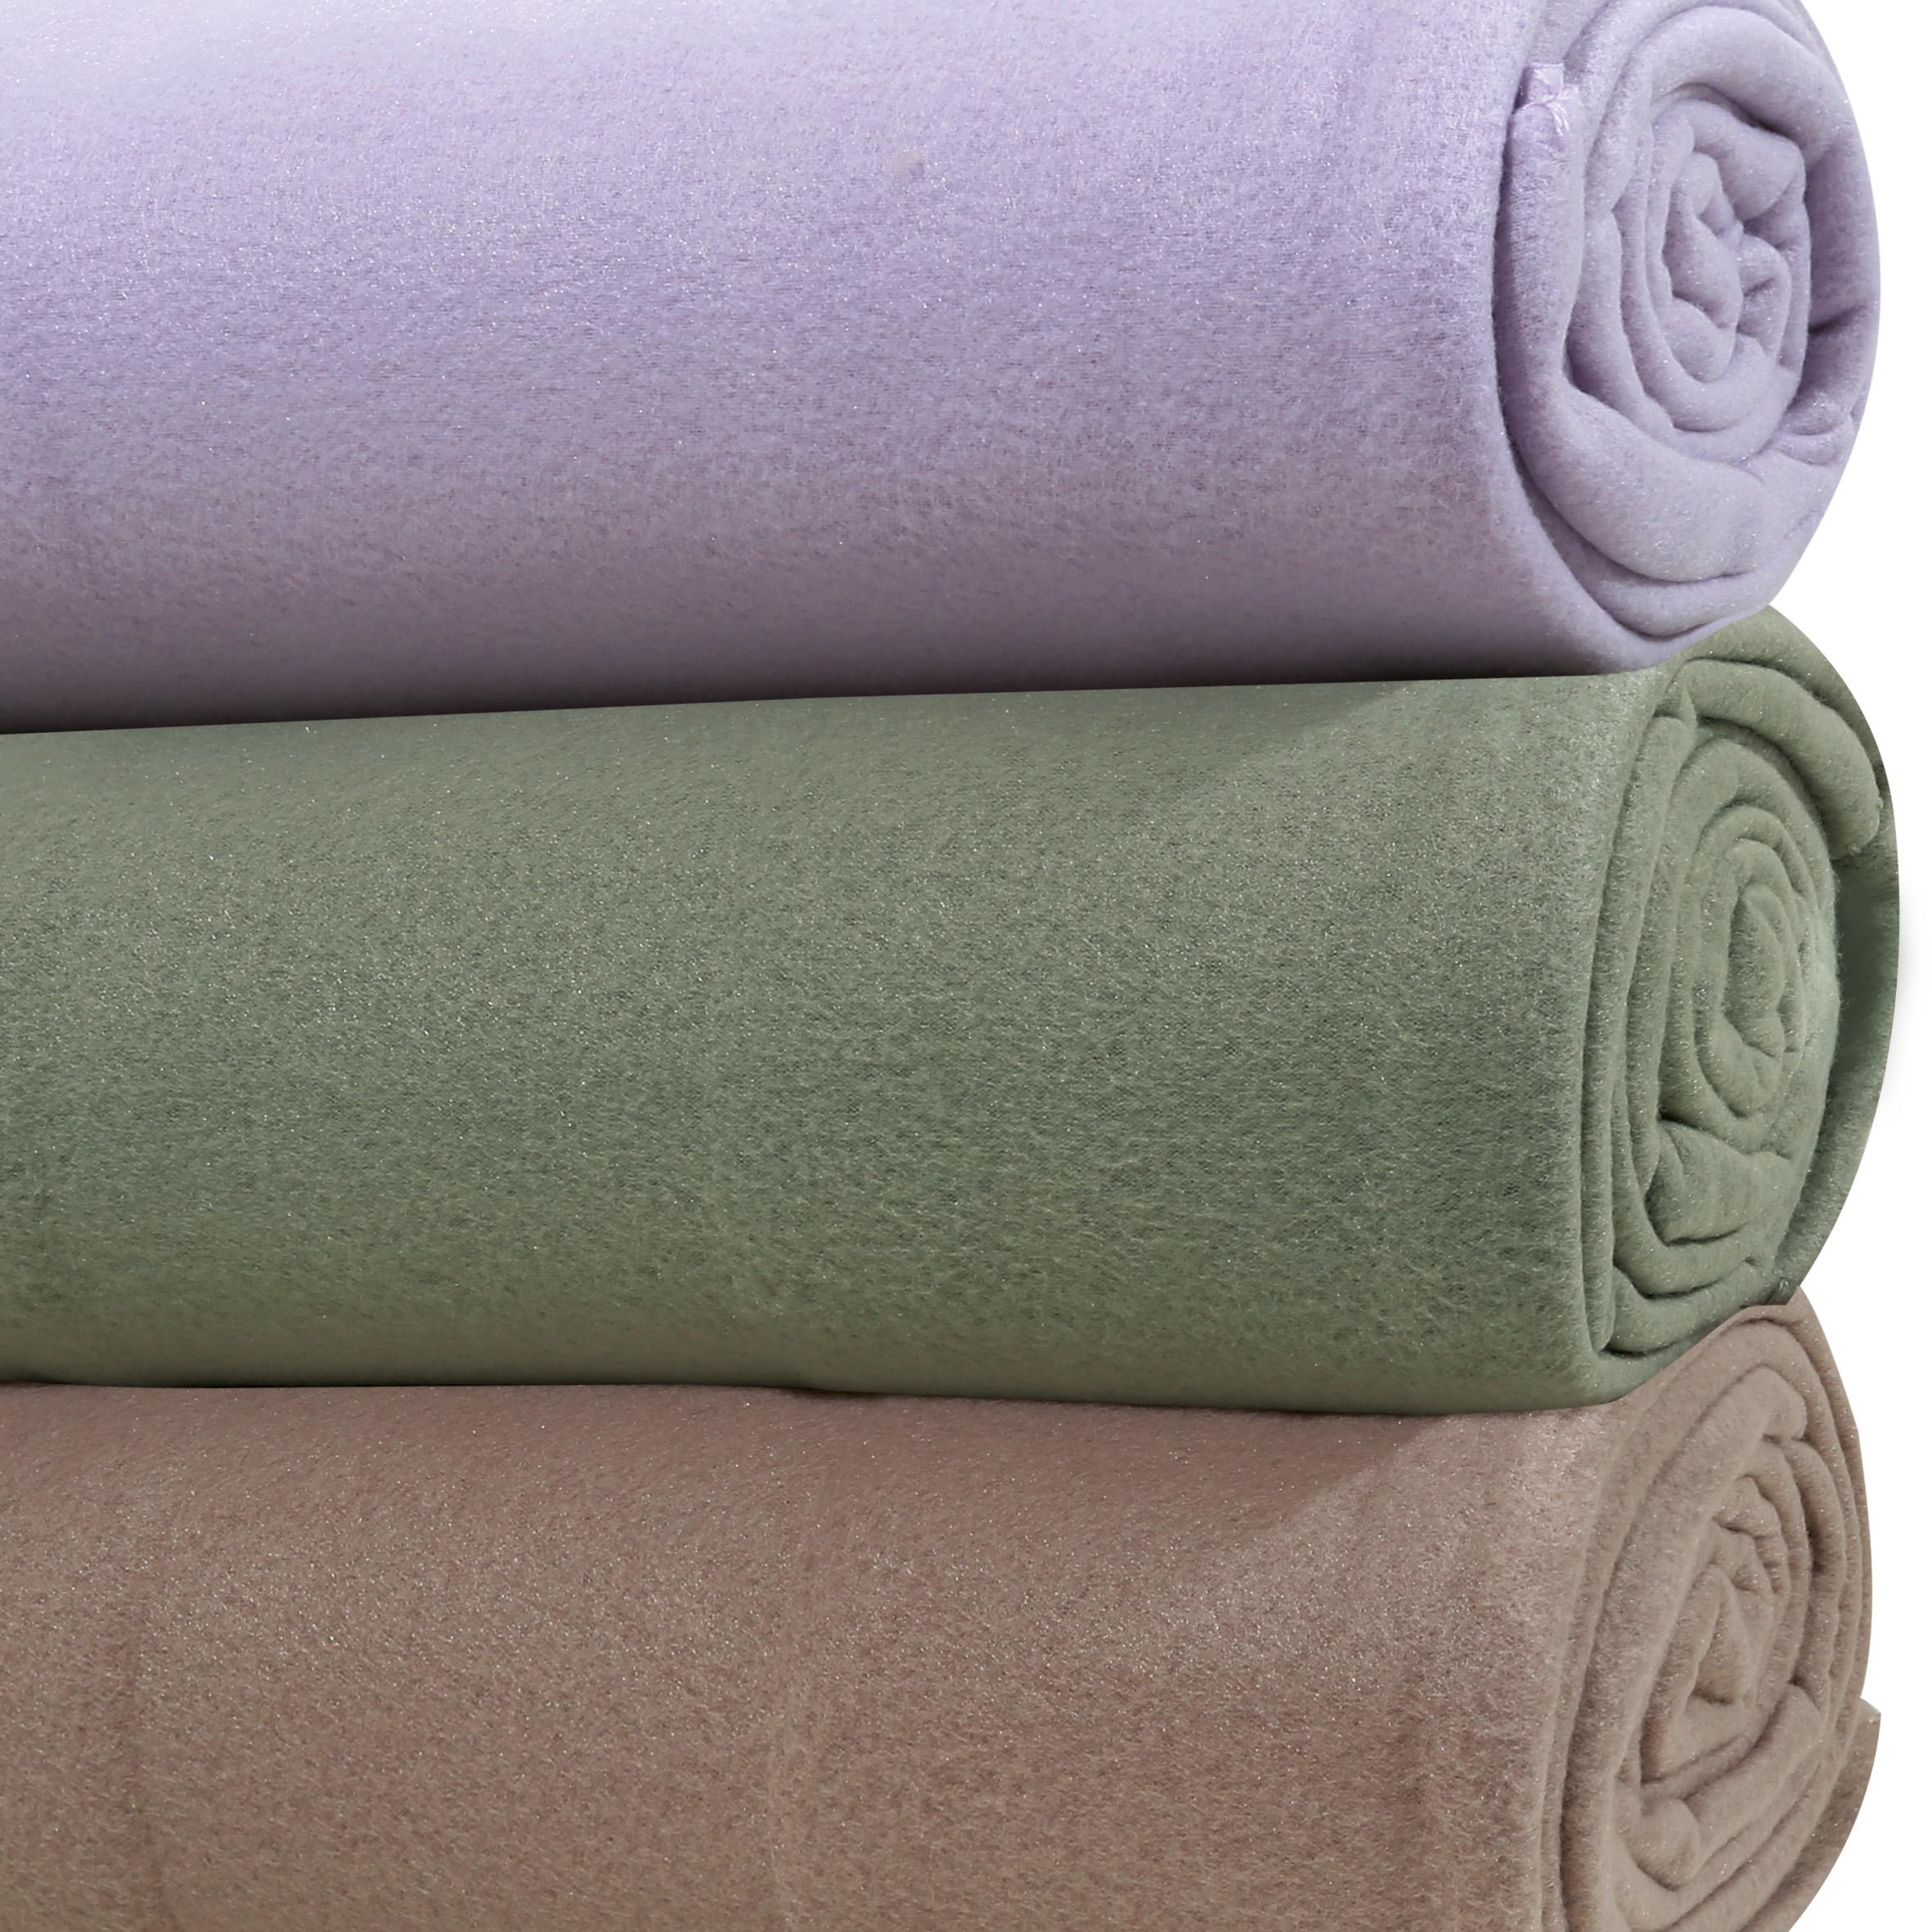 Κουβέρτα polar fleece Υ/Δ BLANKET LINE 365 BEIGE, DAS HOME last items   υπνοδωμάτιο